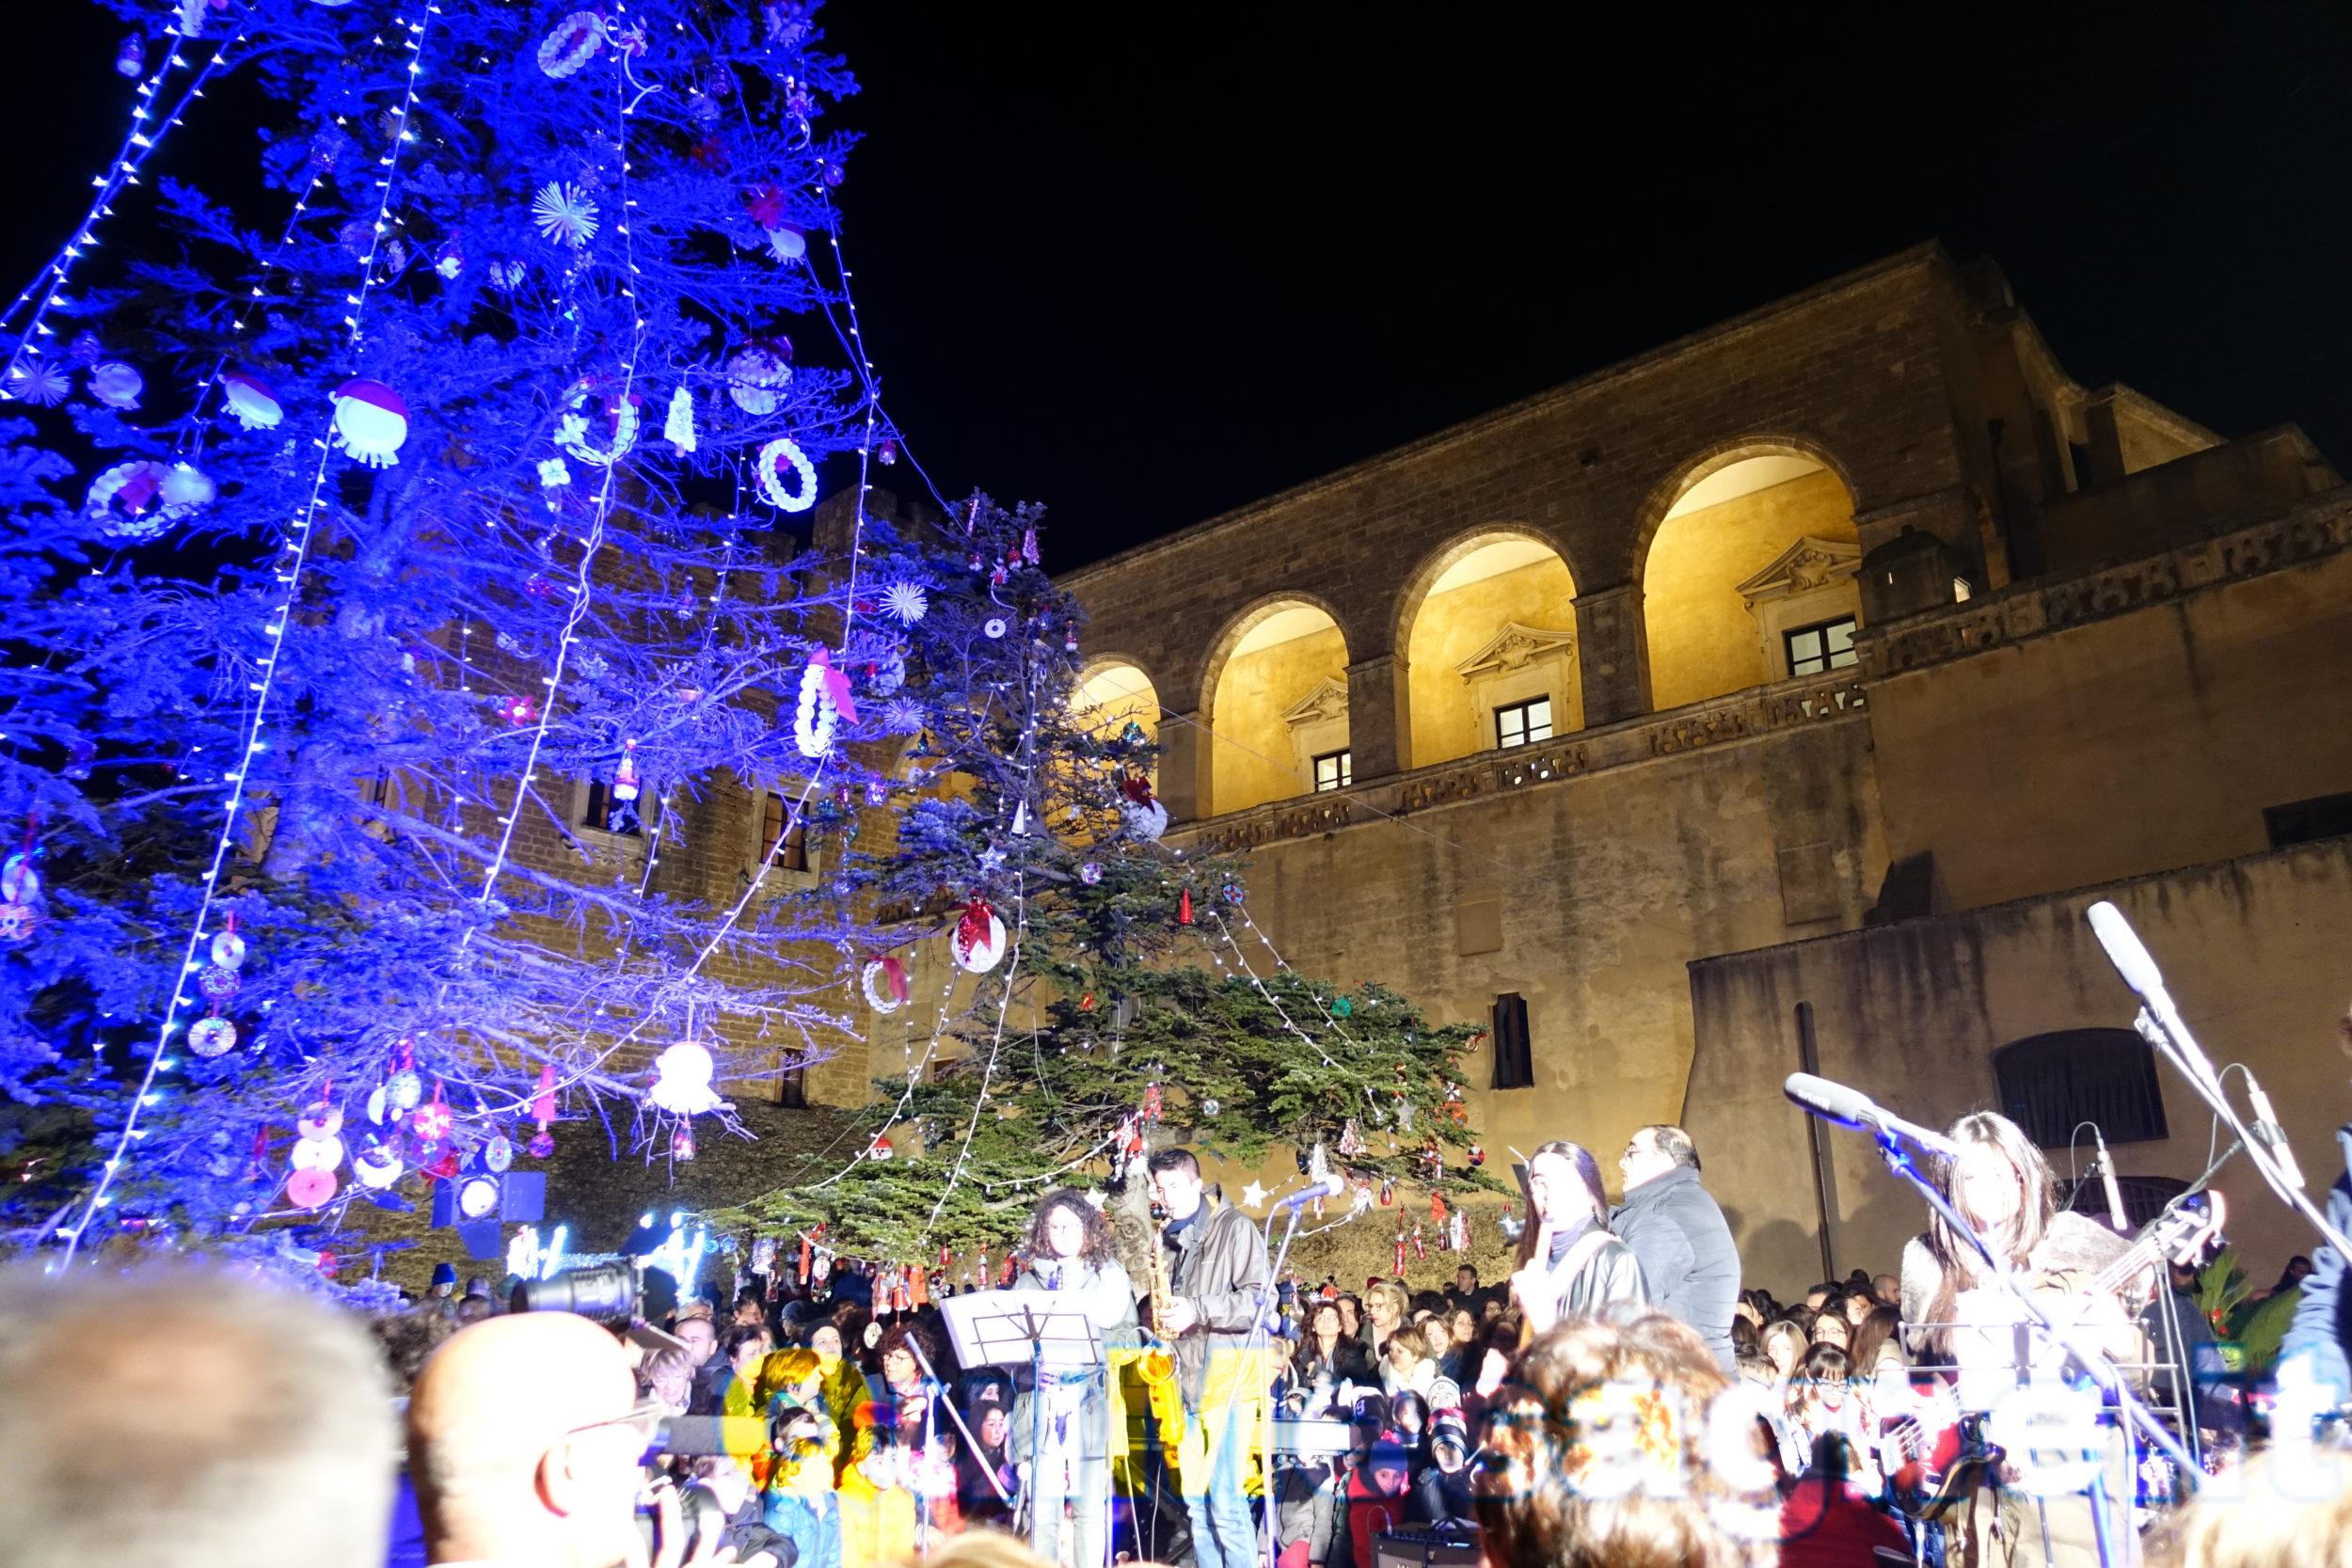 I bambini delle scuole mesagnesi accendono le luci agli alberi di Natale davanti al Castello